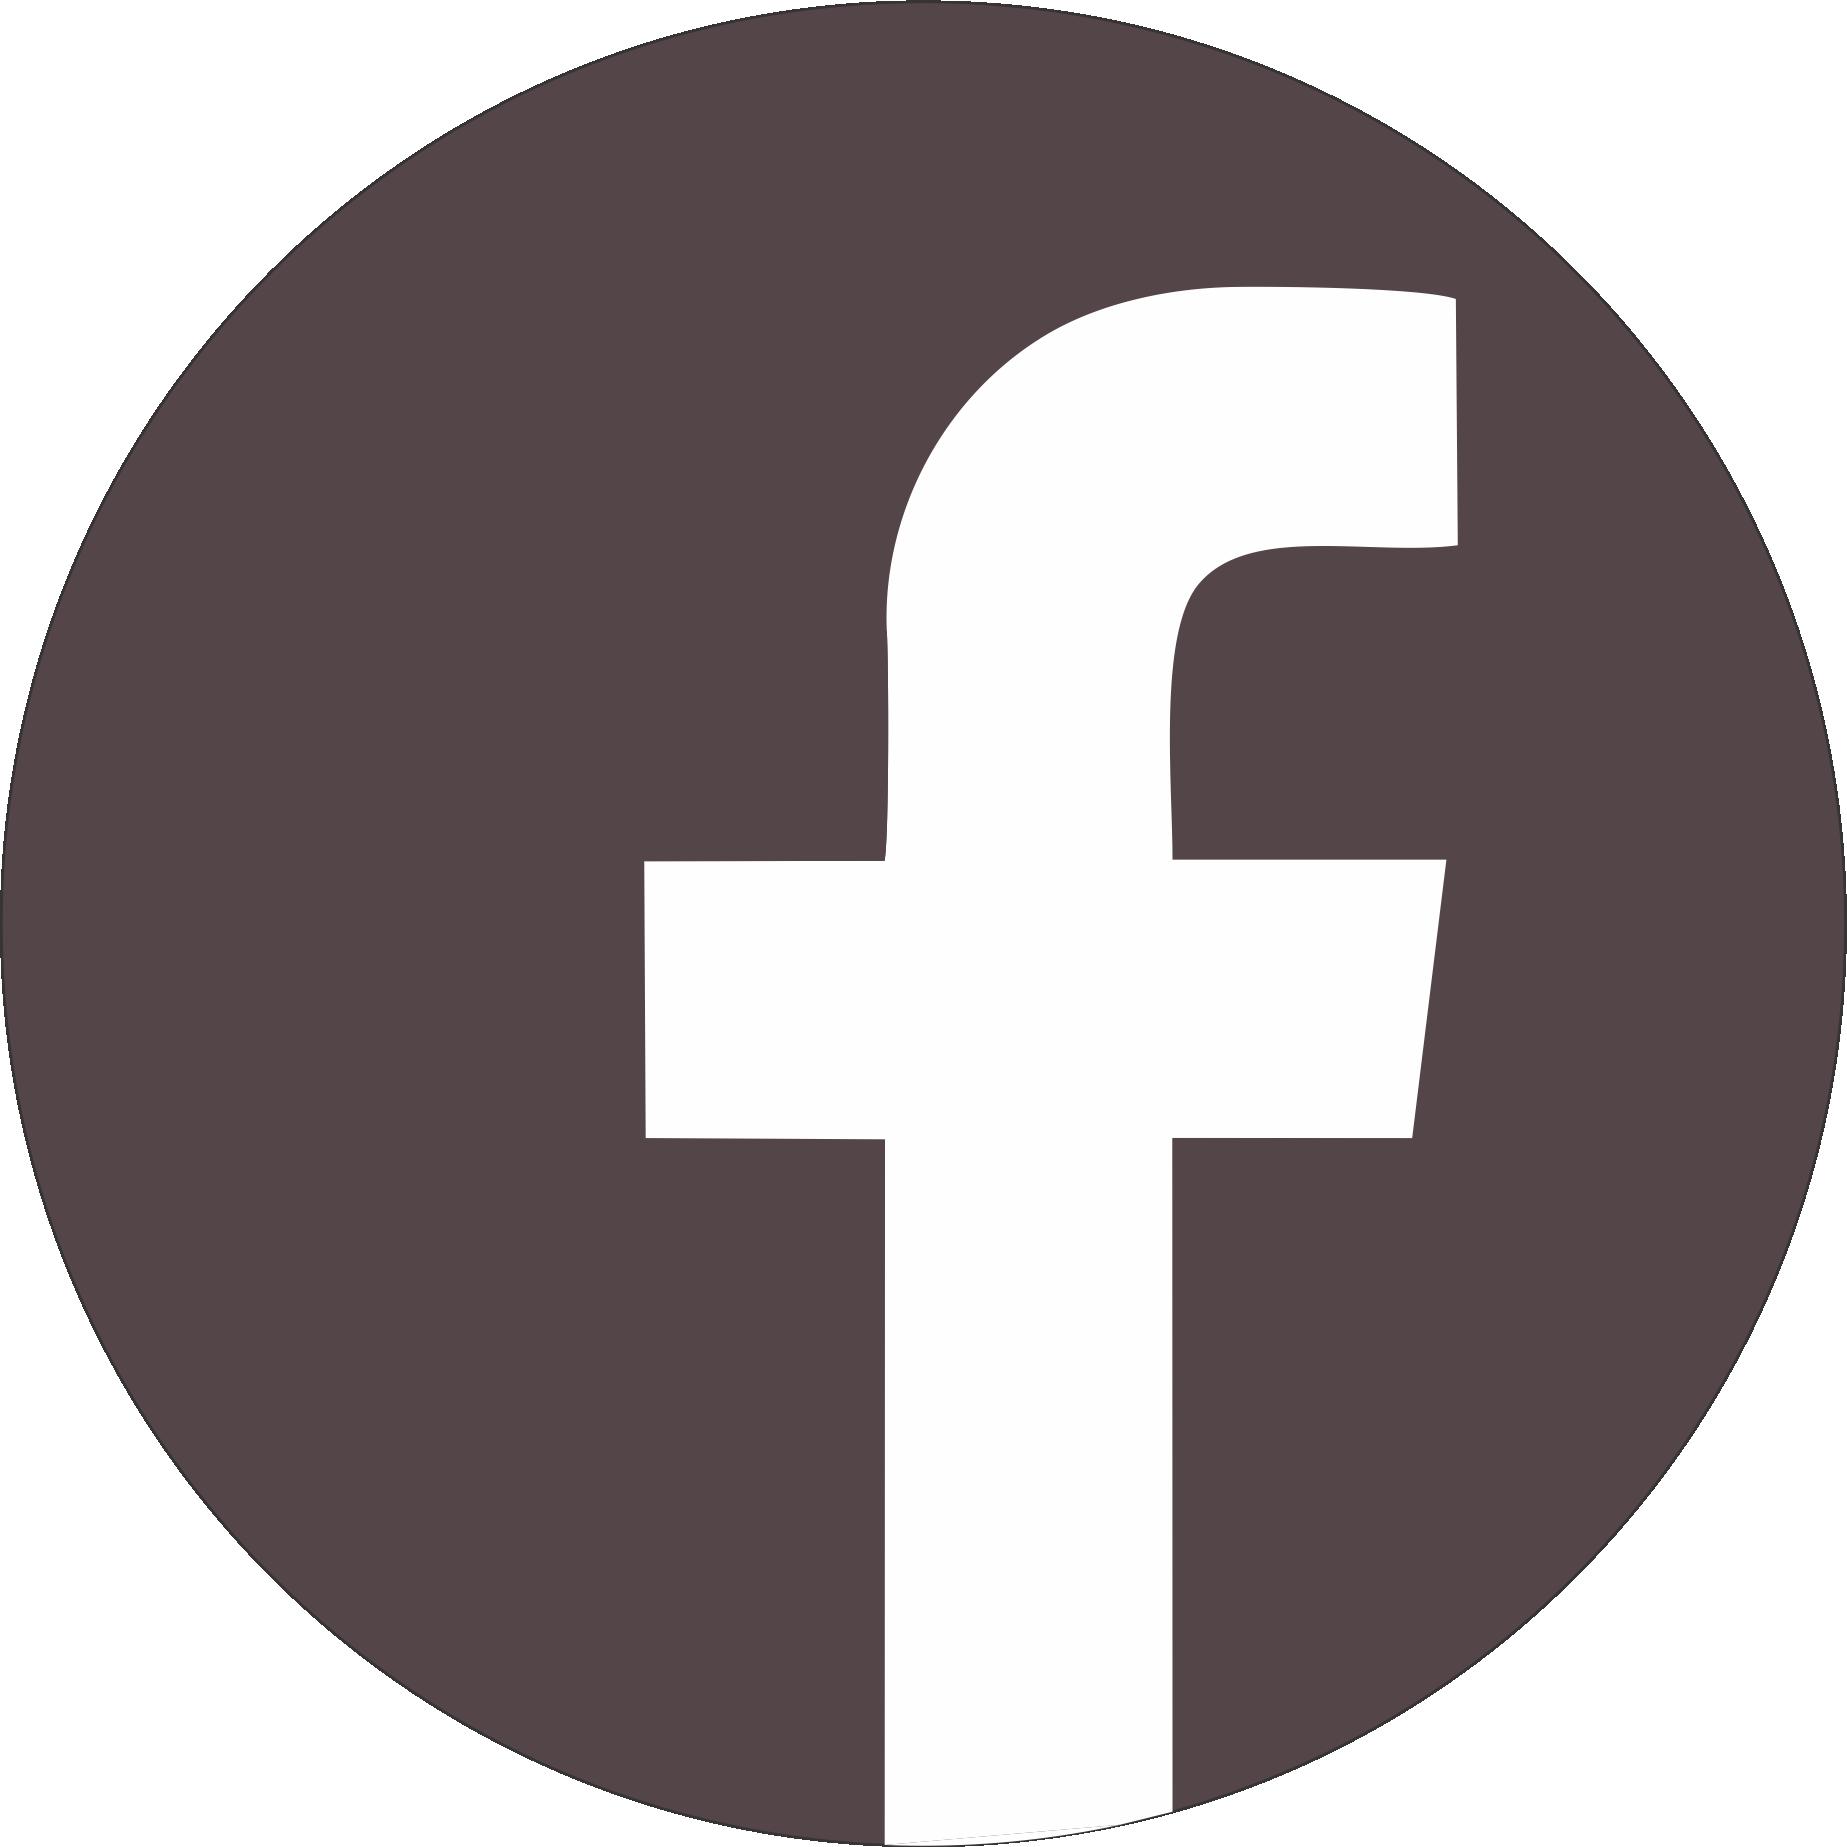 Facebook Bun Interior Design